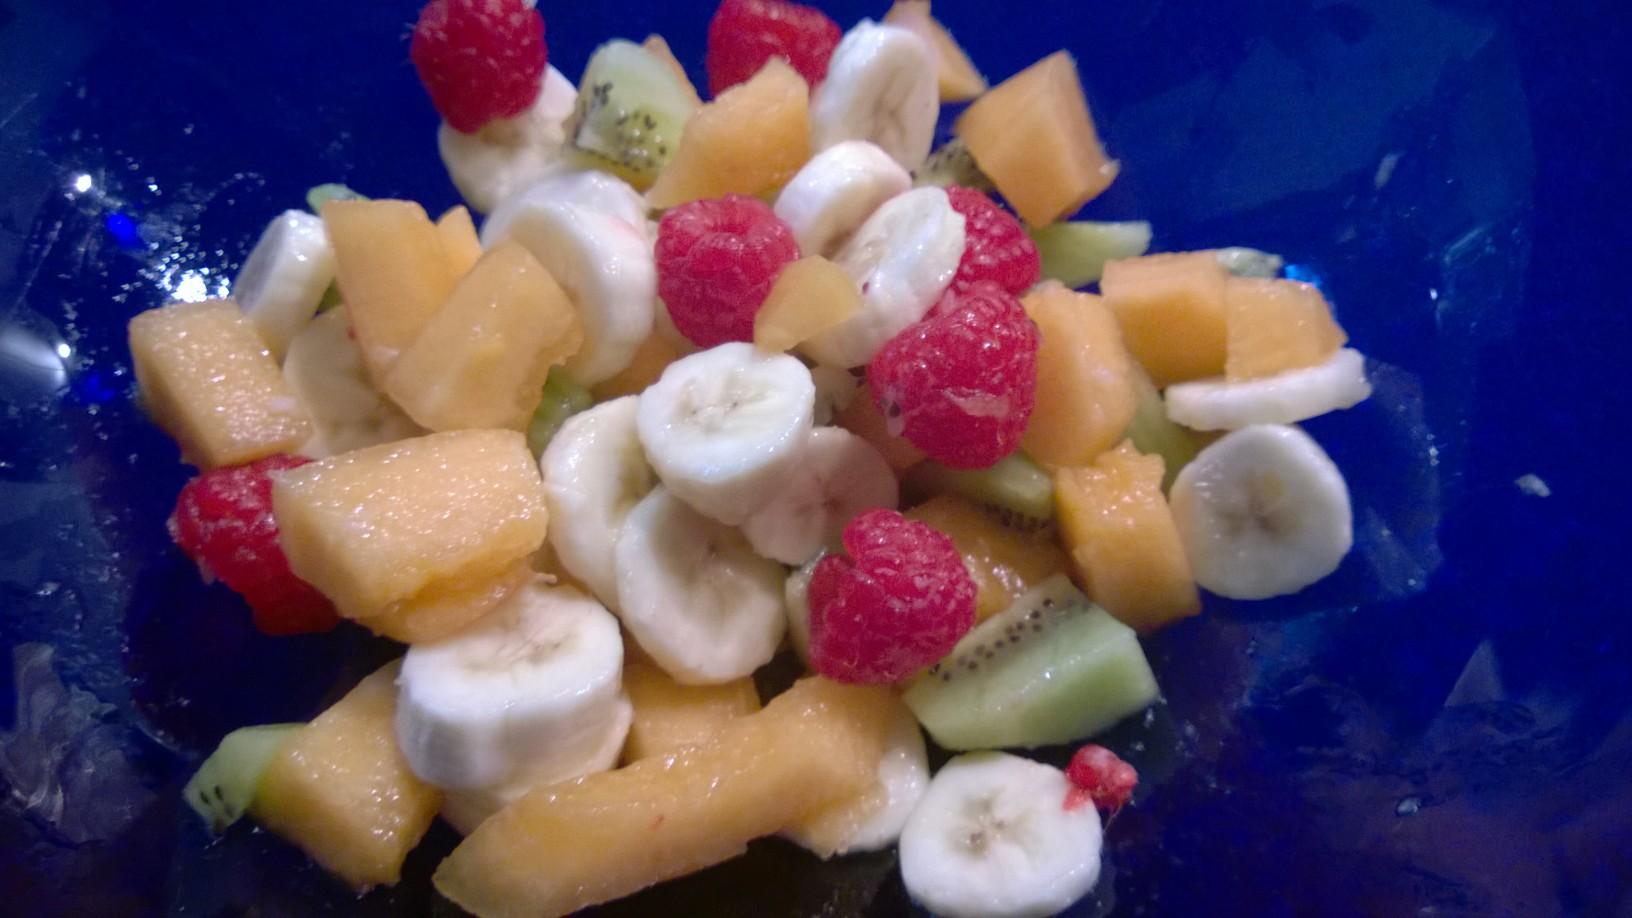 salade-de-fruits-meilleure-vie